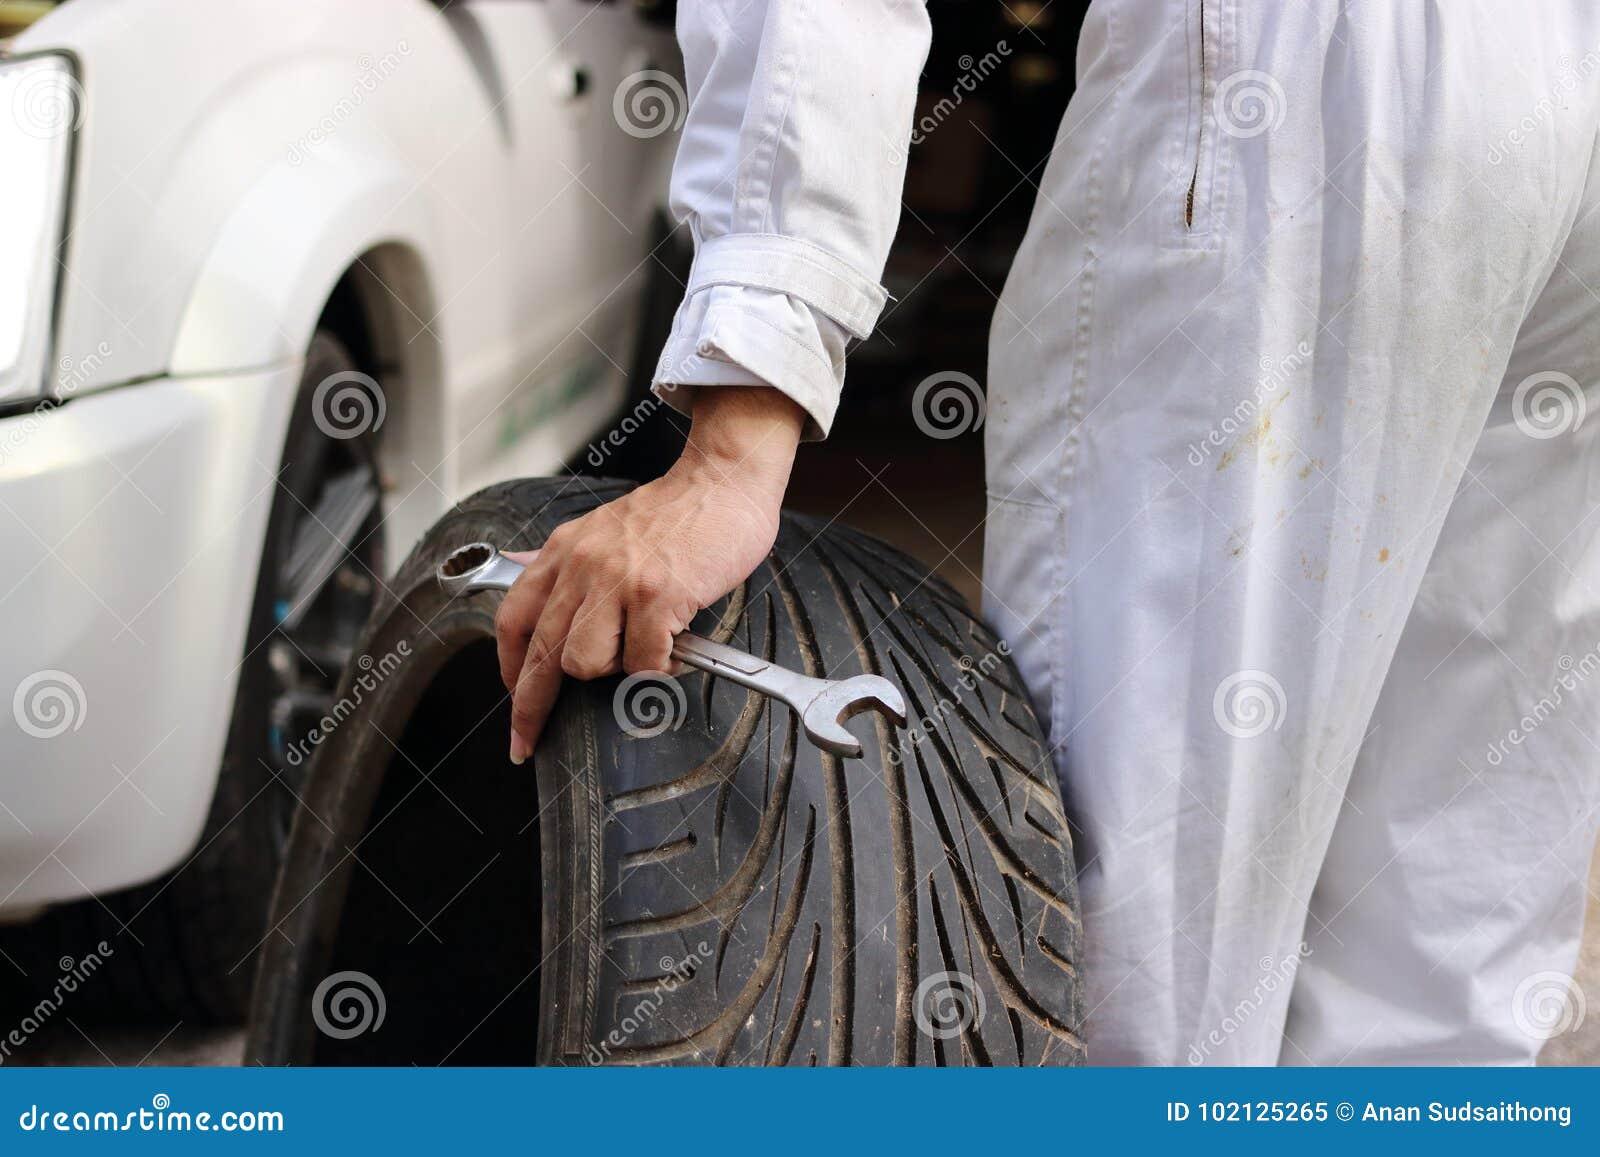 Ręki automobilowy mechanik w mundurze z oponą i wyrwaniem dla załatwiać samochód przy remontowym garażu tłem